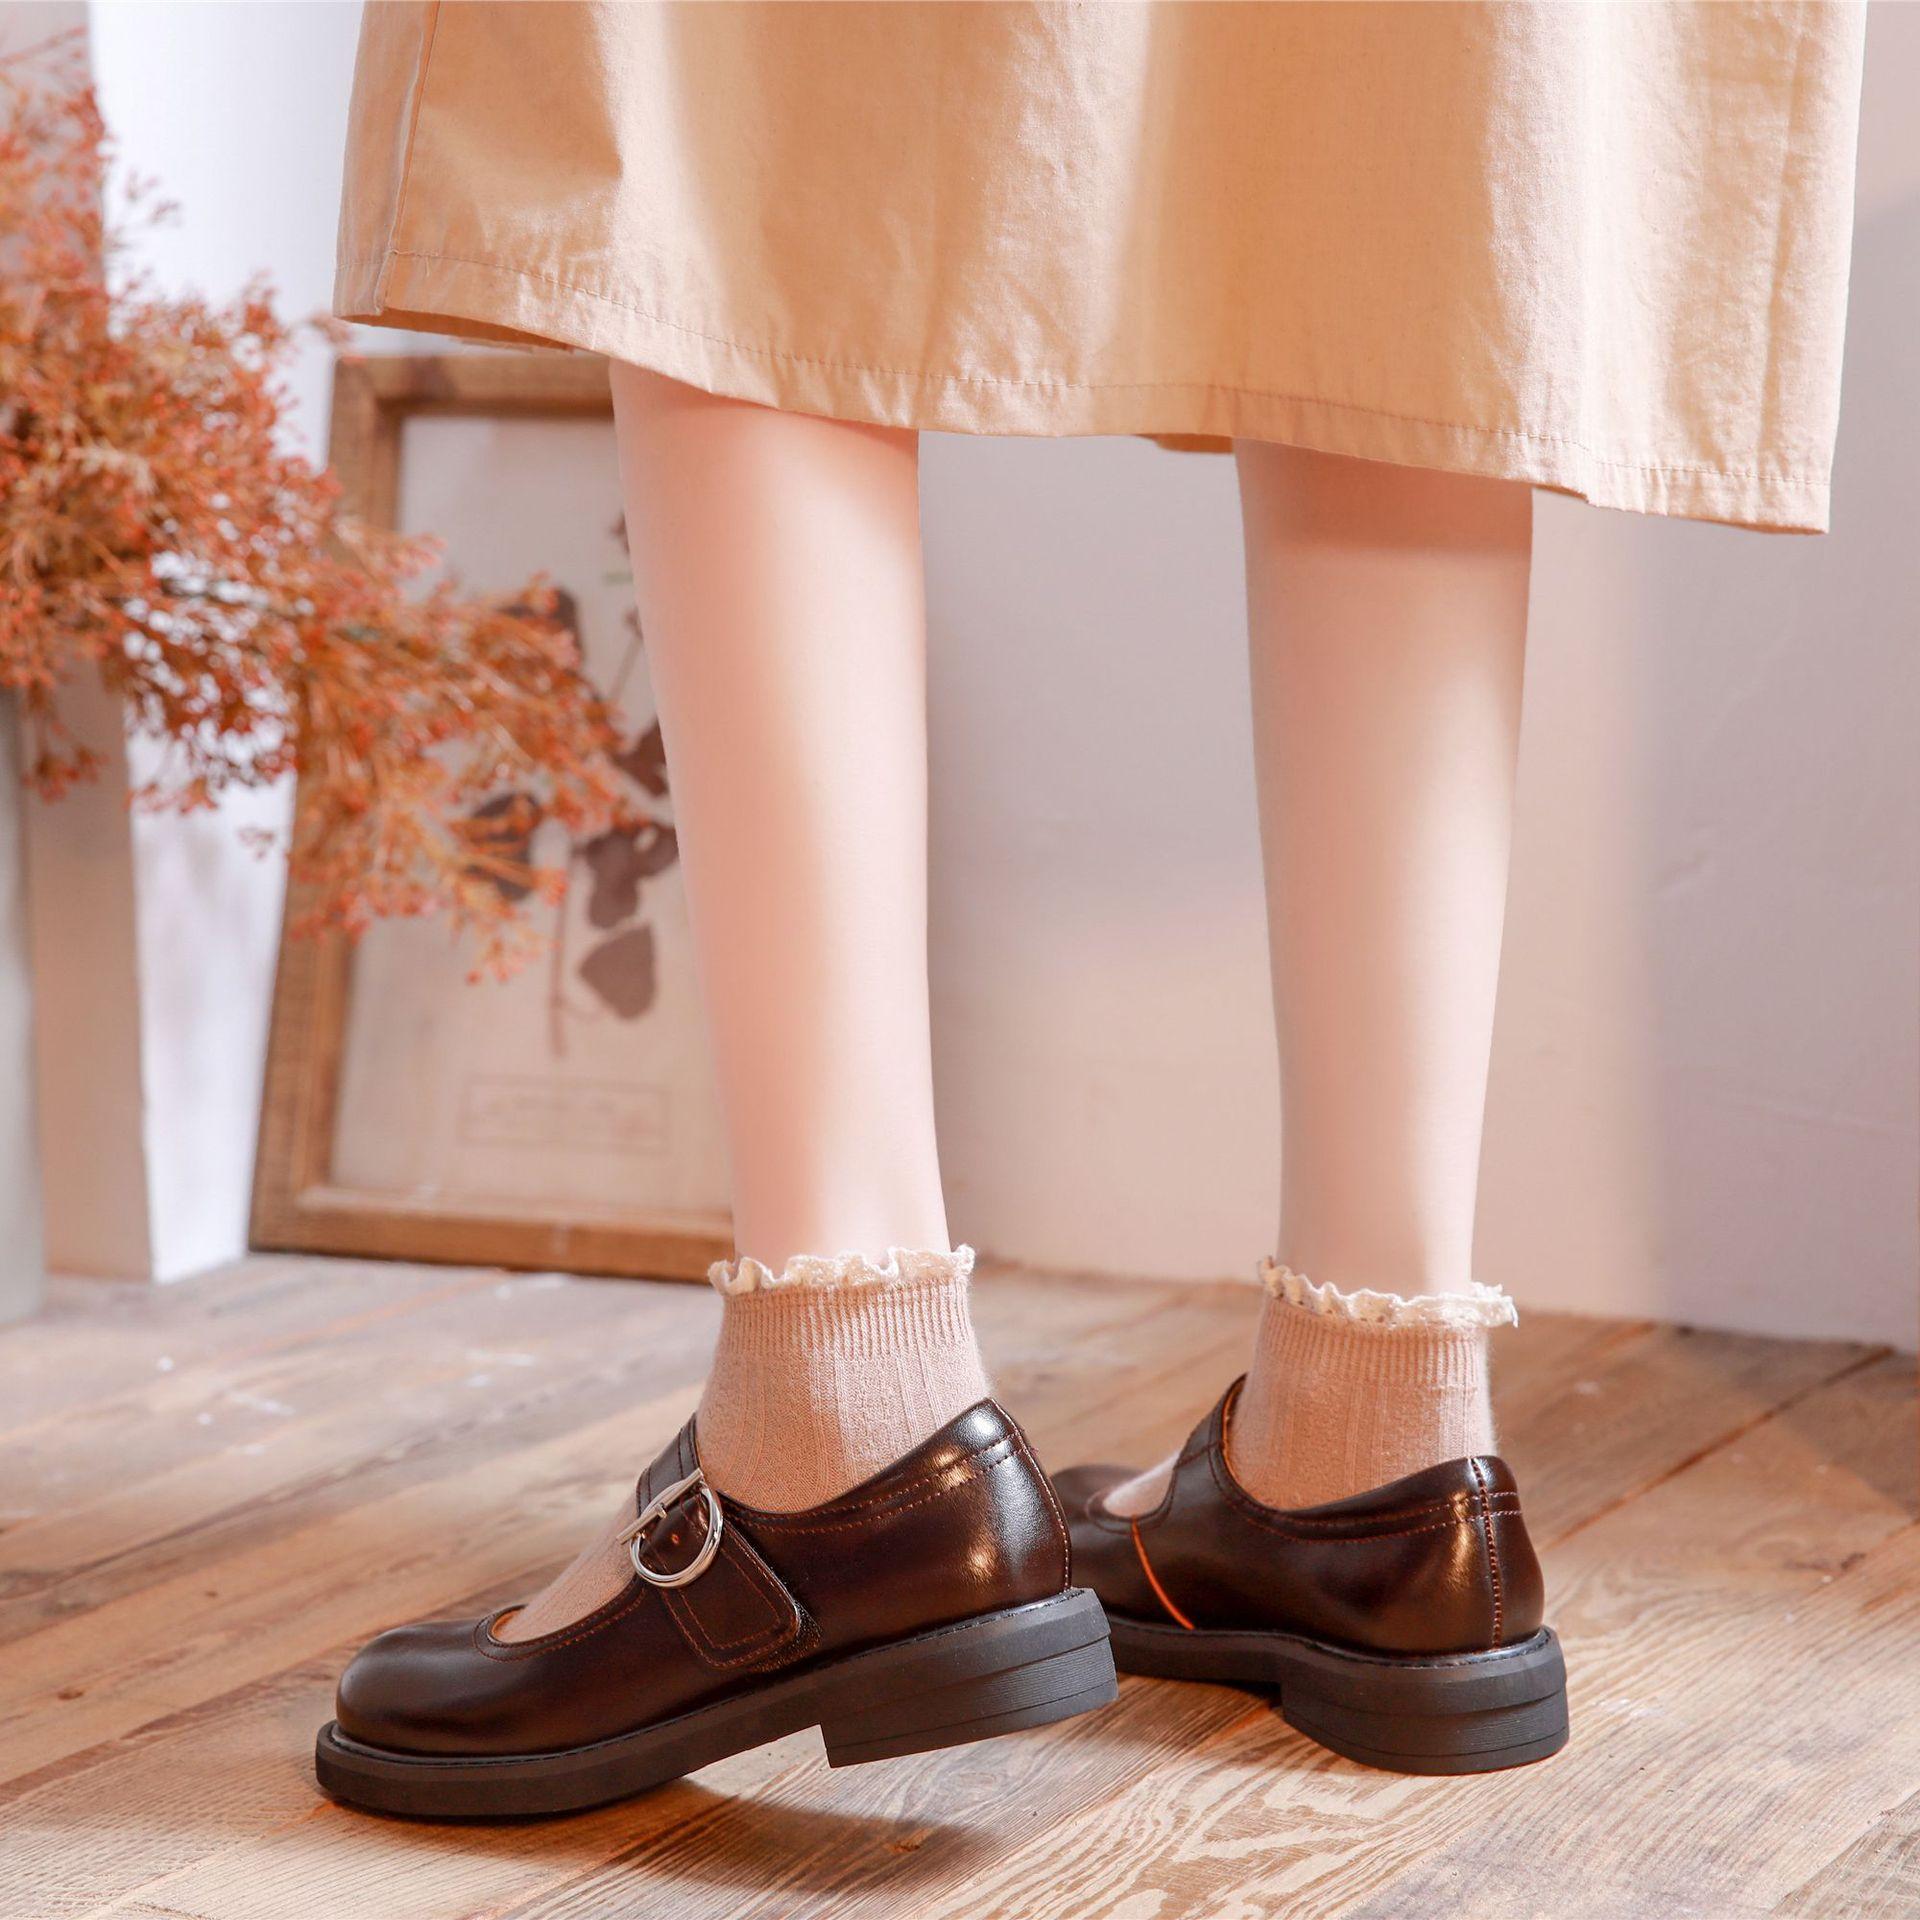 2020年新款一字扣玛丽珍皮鞋女洛丽塔魔术贴日系小皮鞋女新款百搭